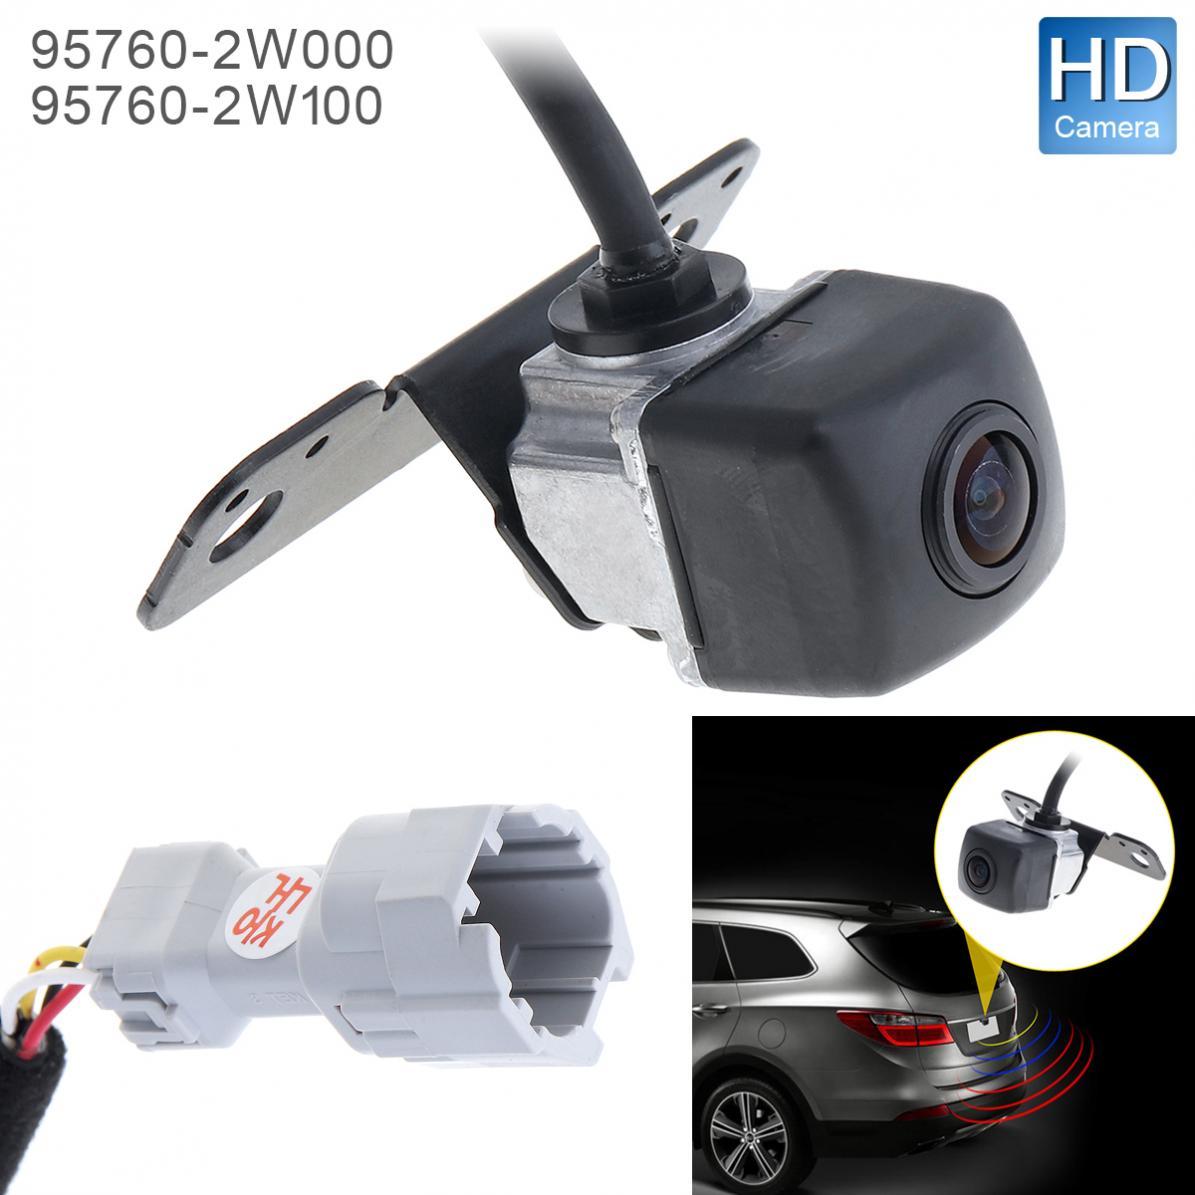 Камера заднего вида для парковки OEM 95760-2W000 957602W100 для hyundai Santa Fe 2013-2015